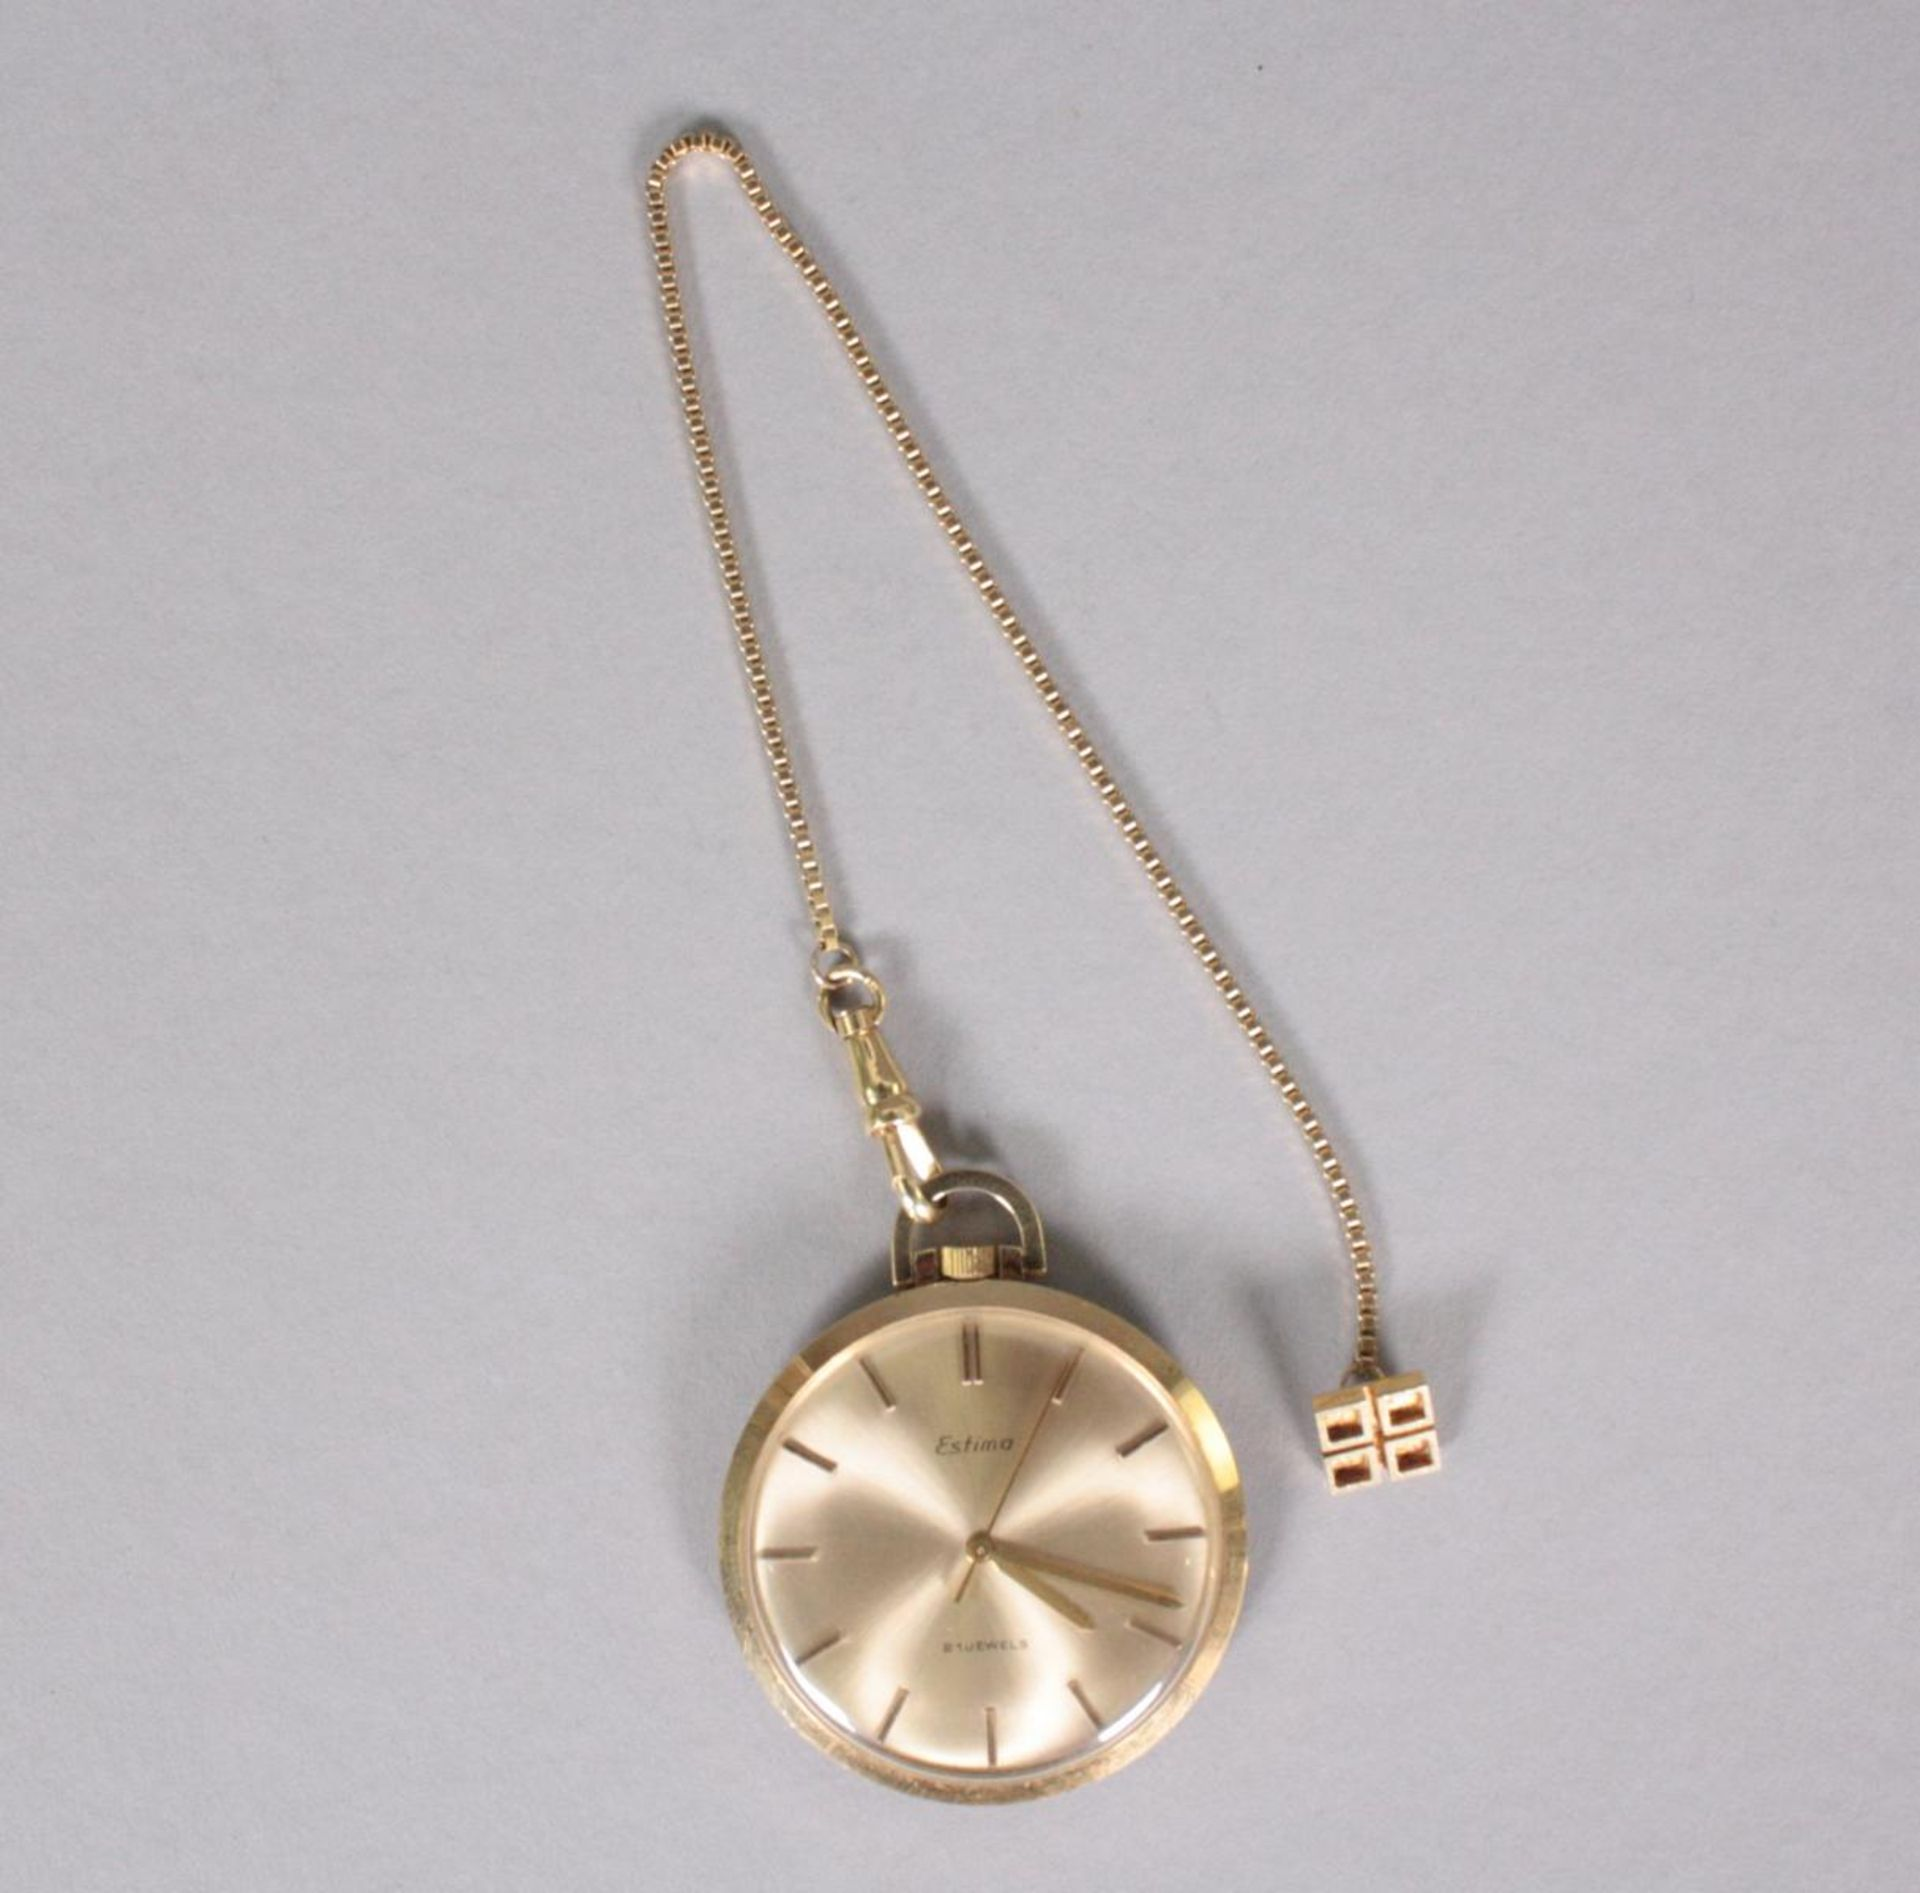 Taschenuhr mit Uhrenkette, 14 Karat Gelbgold